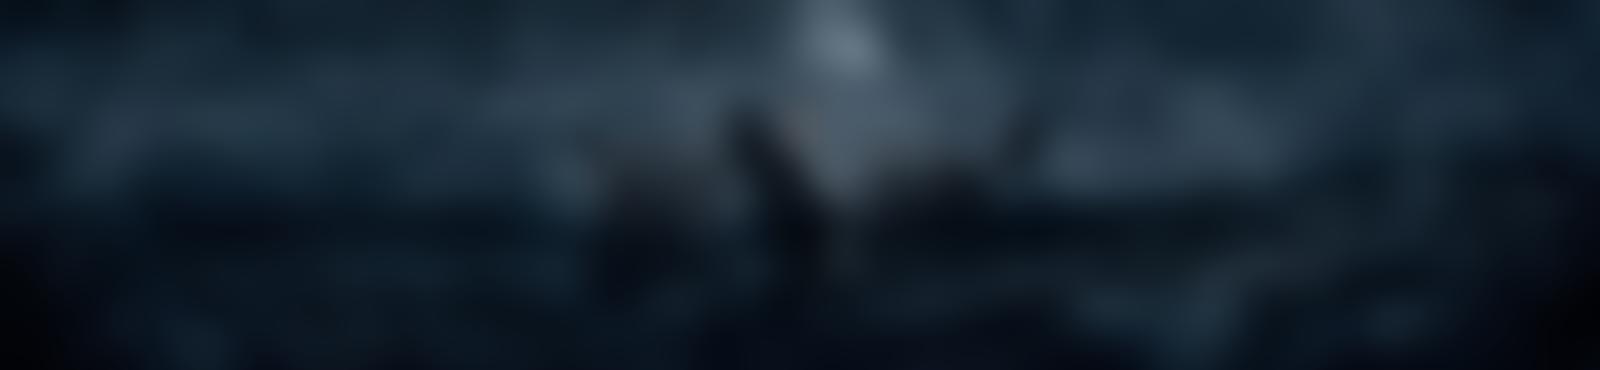 Blurred 0687192c f80d 459e b420 ab6da687153d